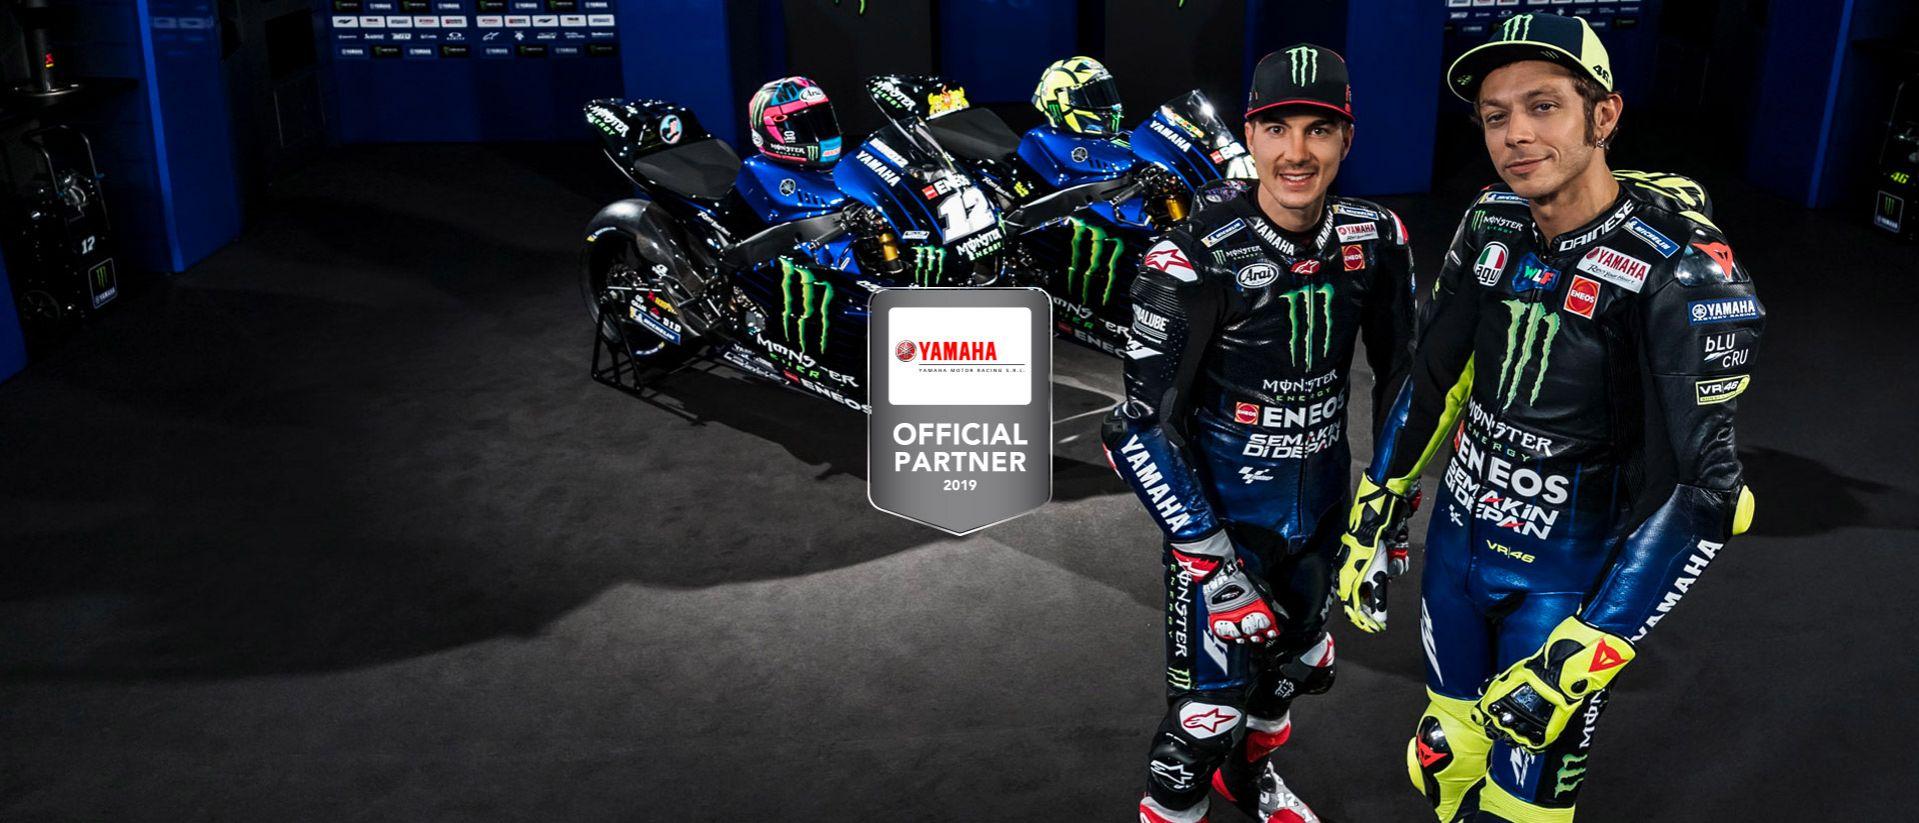 Yamaha MotoGp 2019